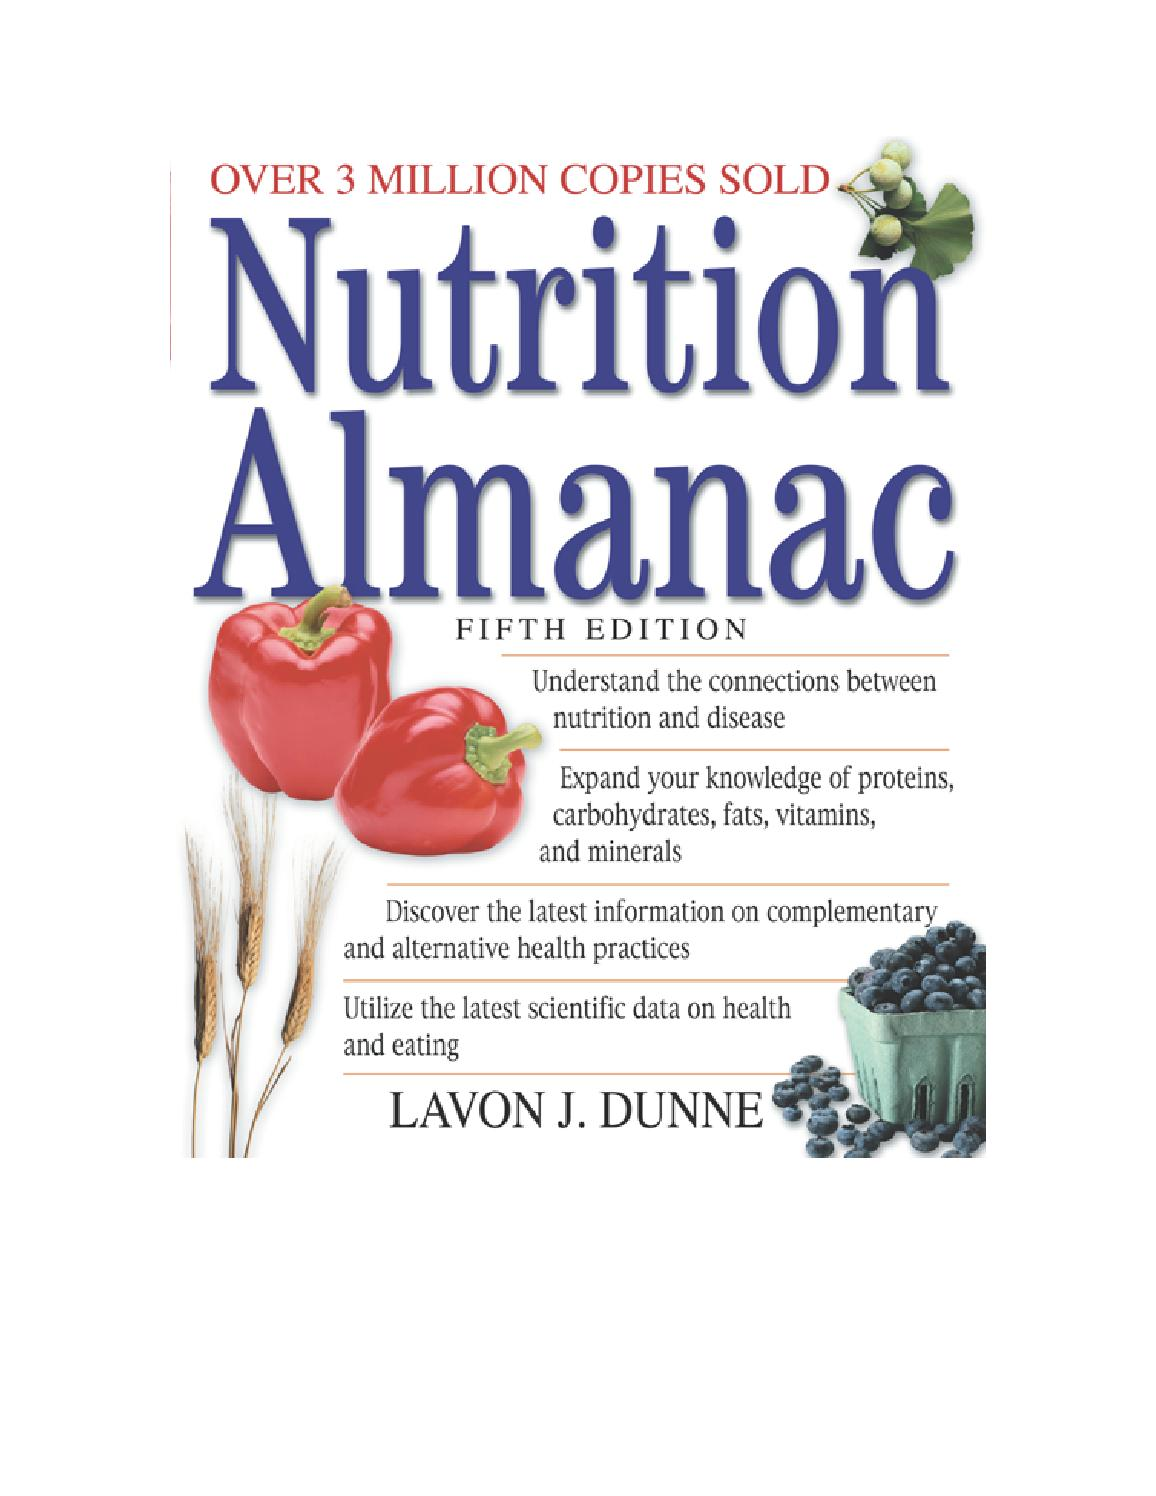 Nutrition almanac 5th edition by Elizabeth del rosario - issuu